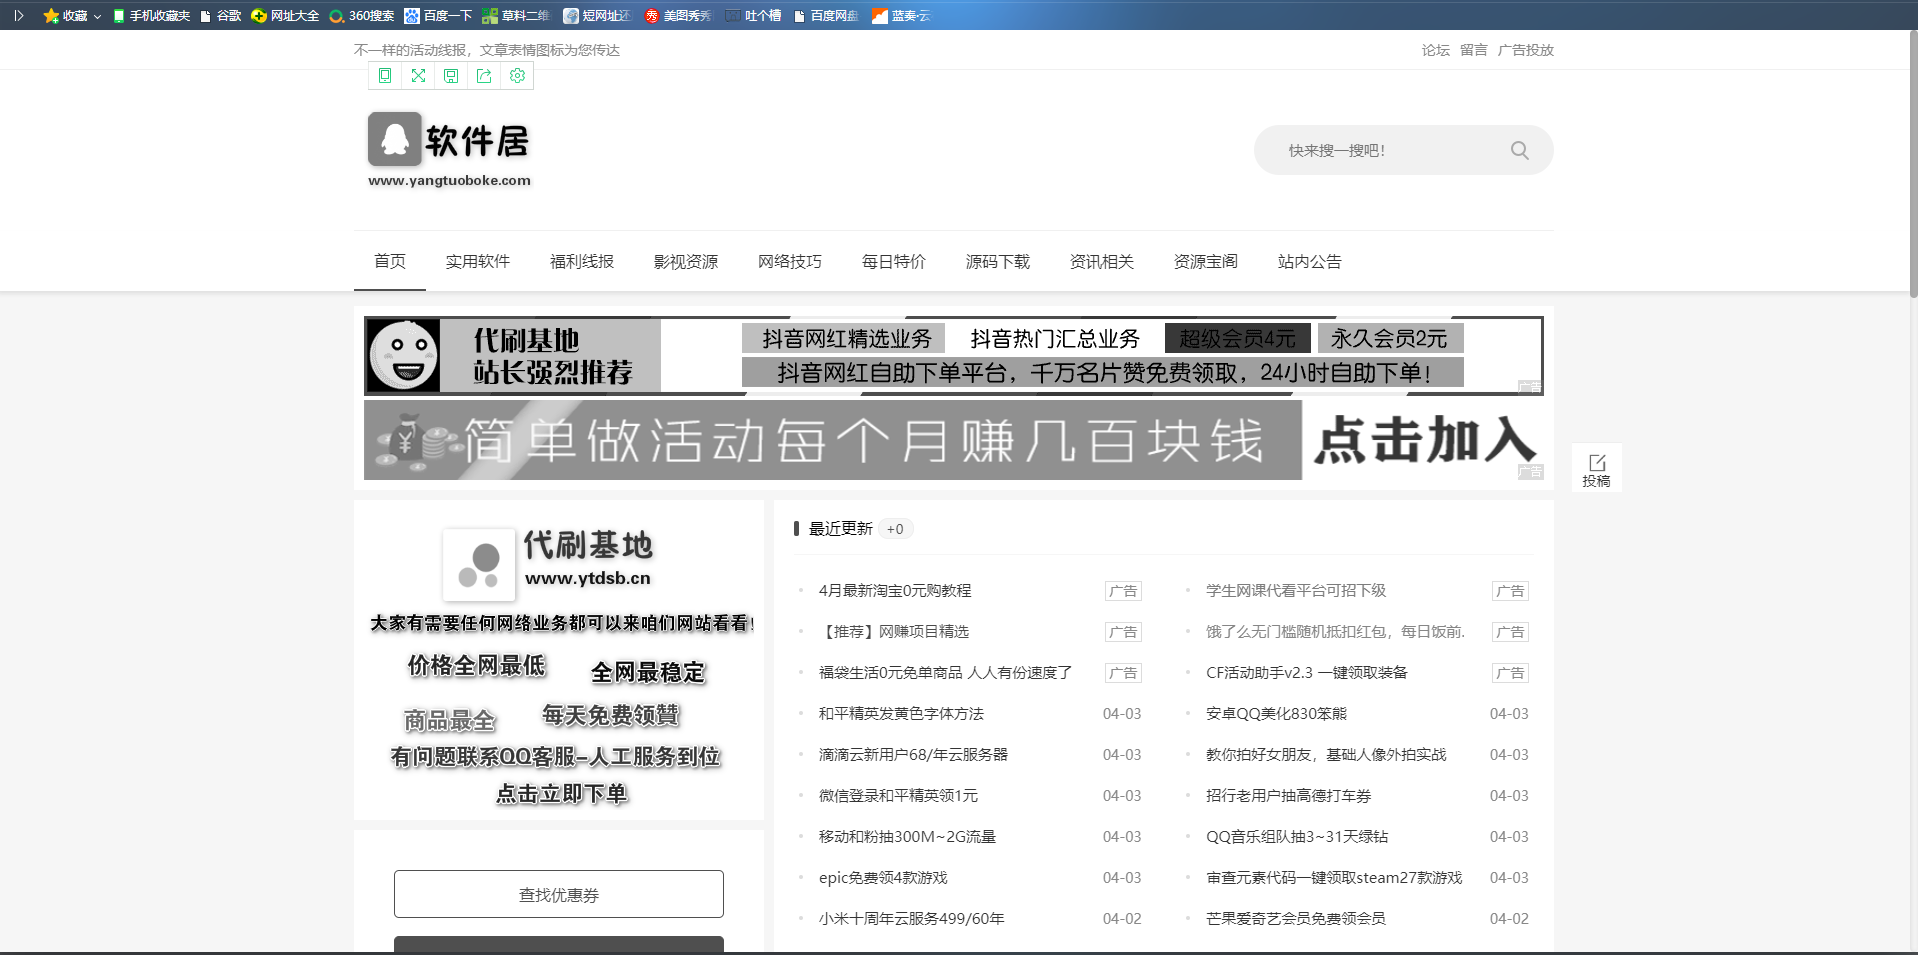 4月4日网站自动变黑白JS和PHP代码